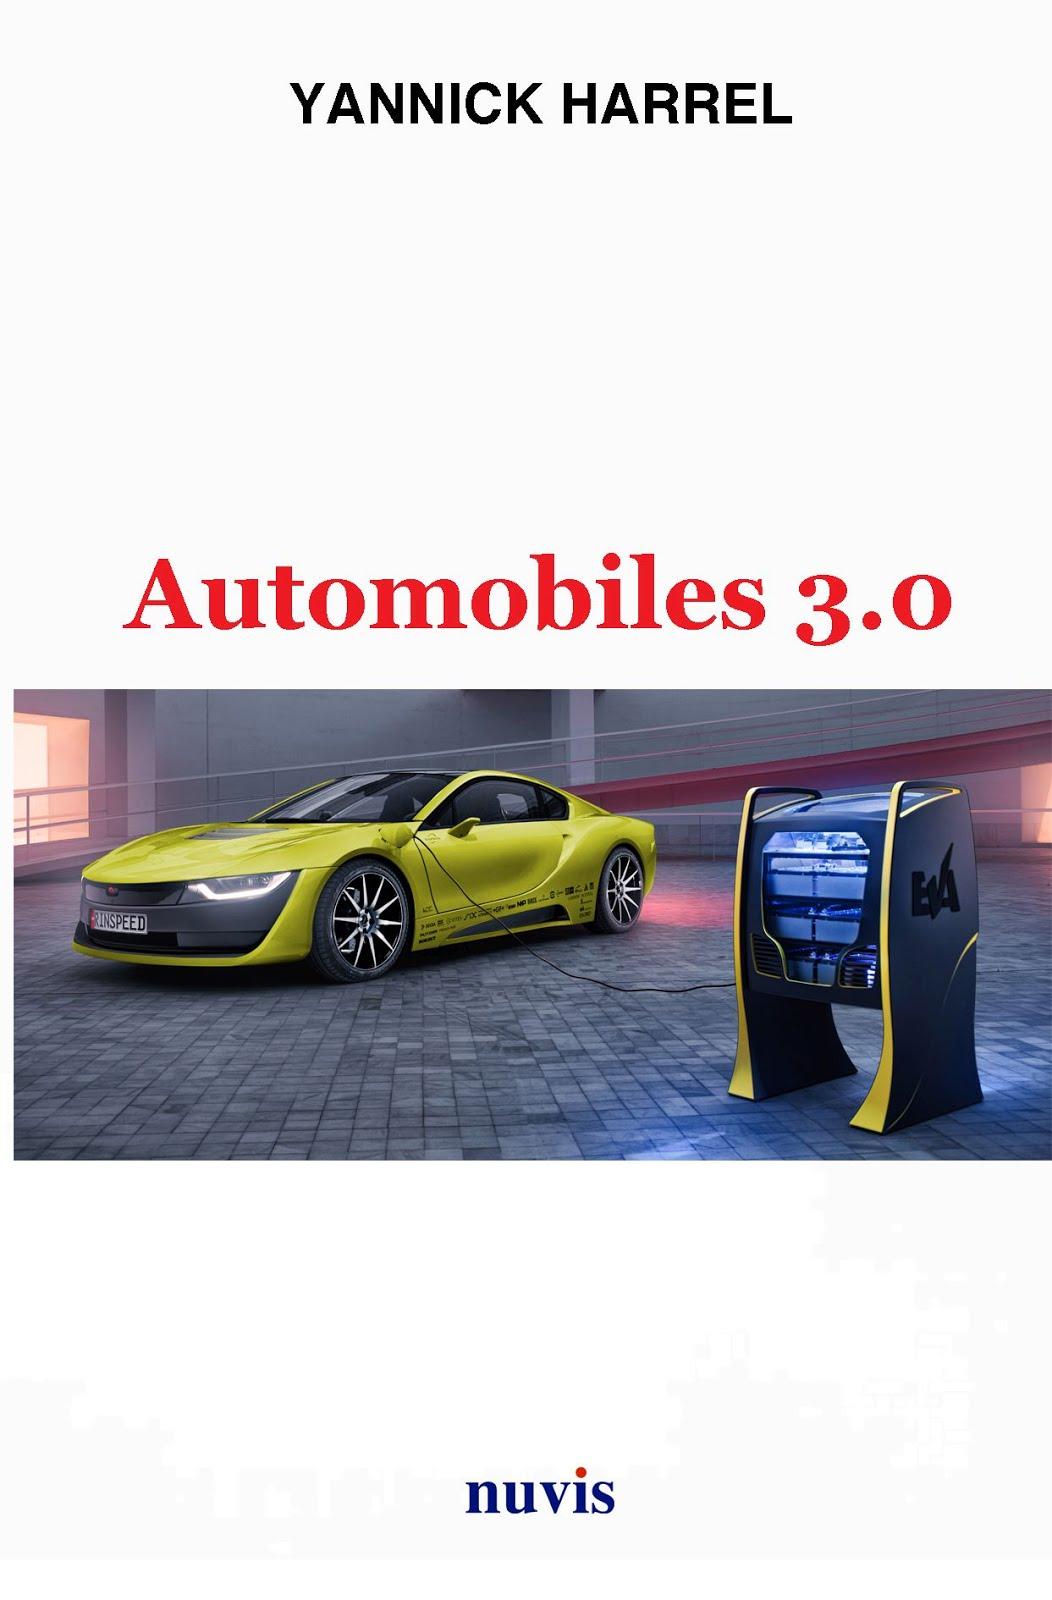 Automobiles 3.0